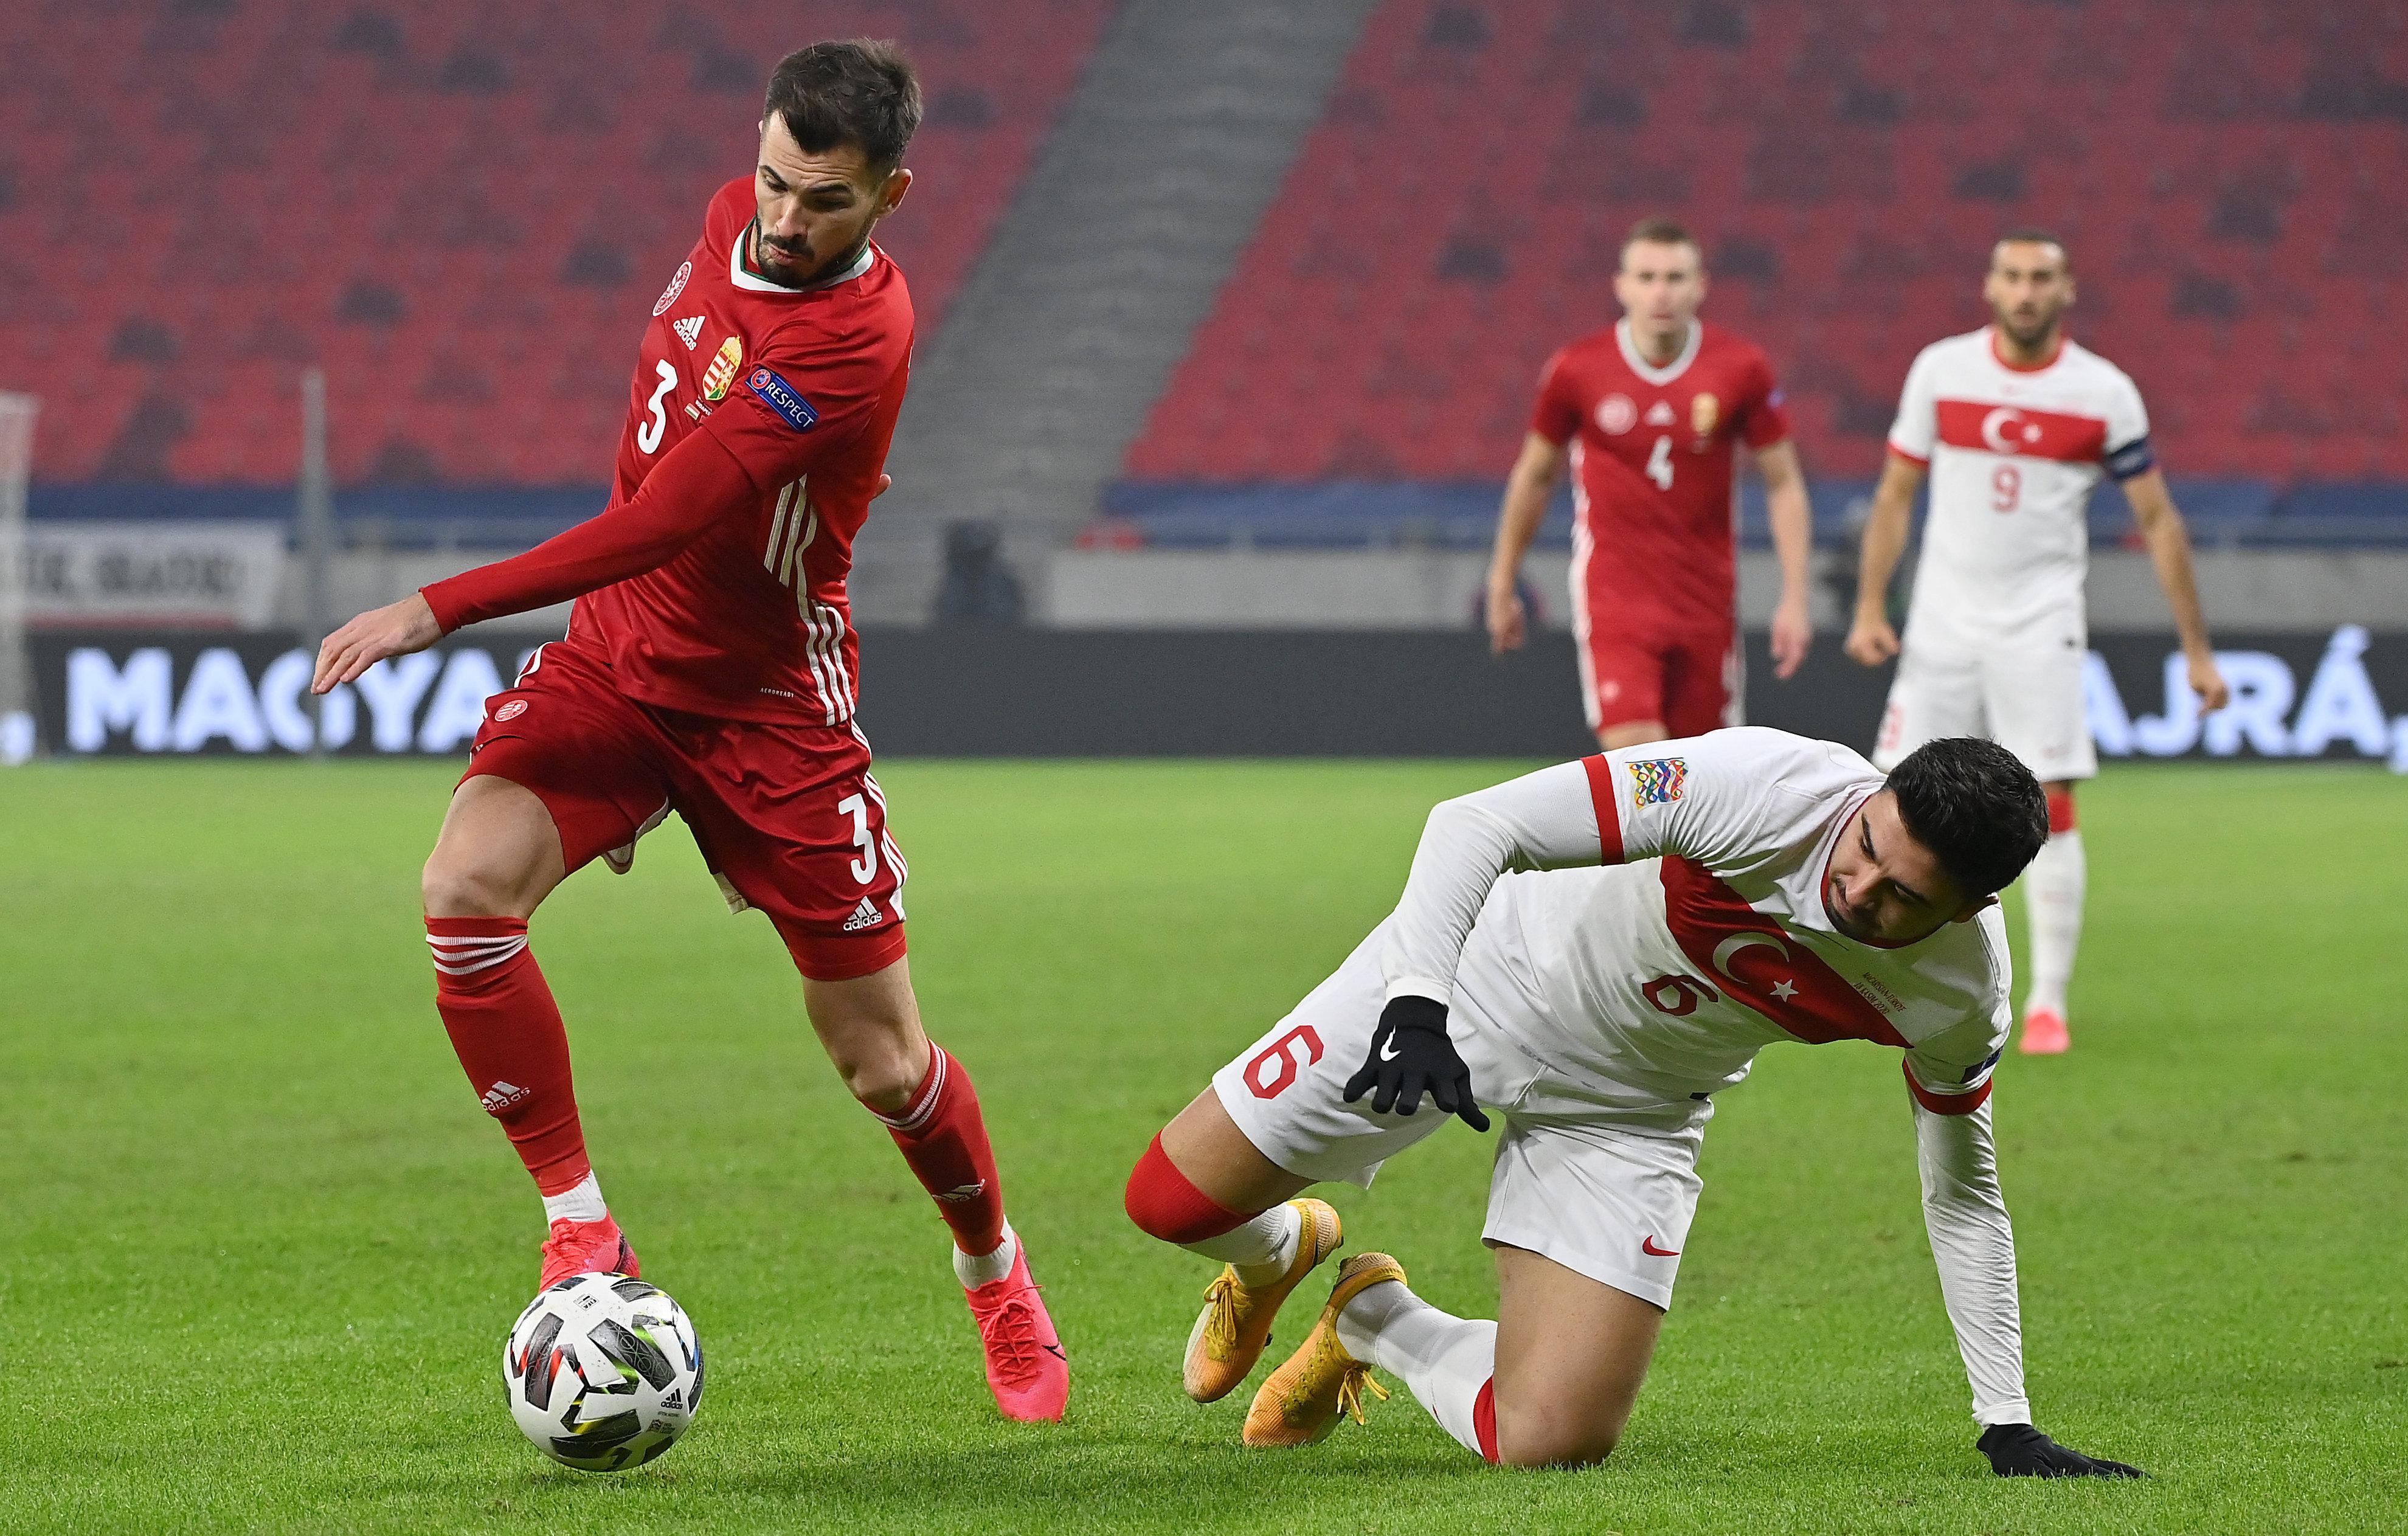 Magyarország - Törökország 2-0, a magyar válogatott csoportgyőztes